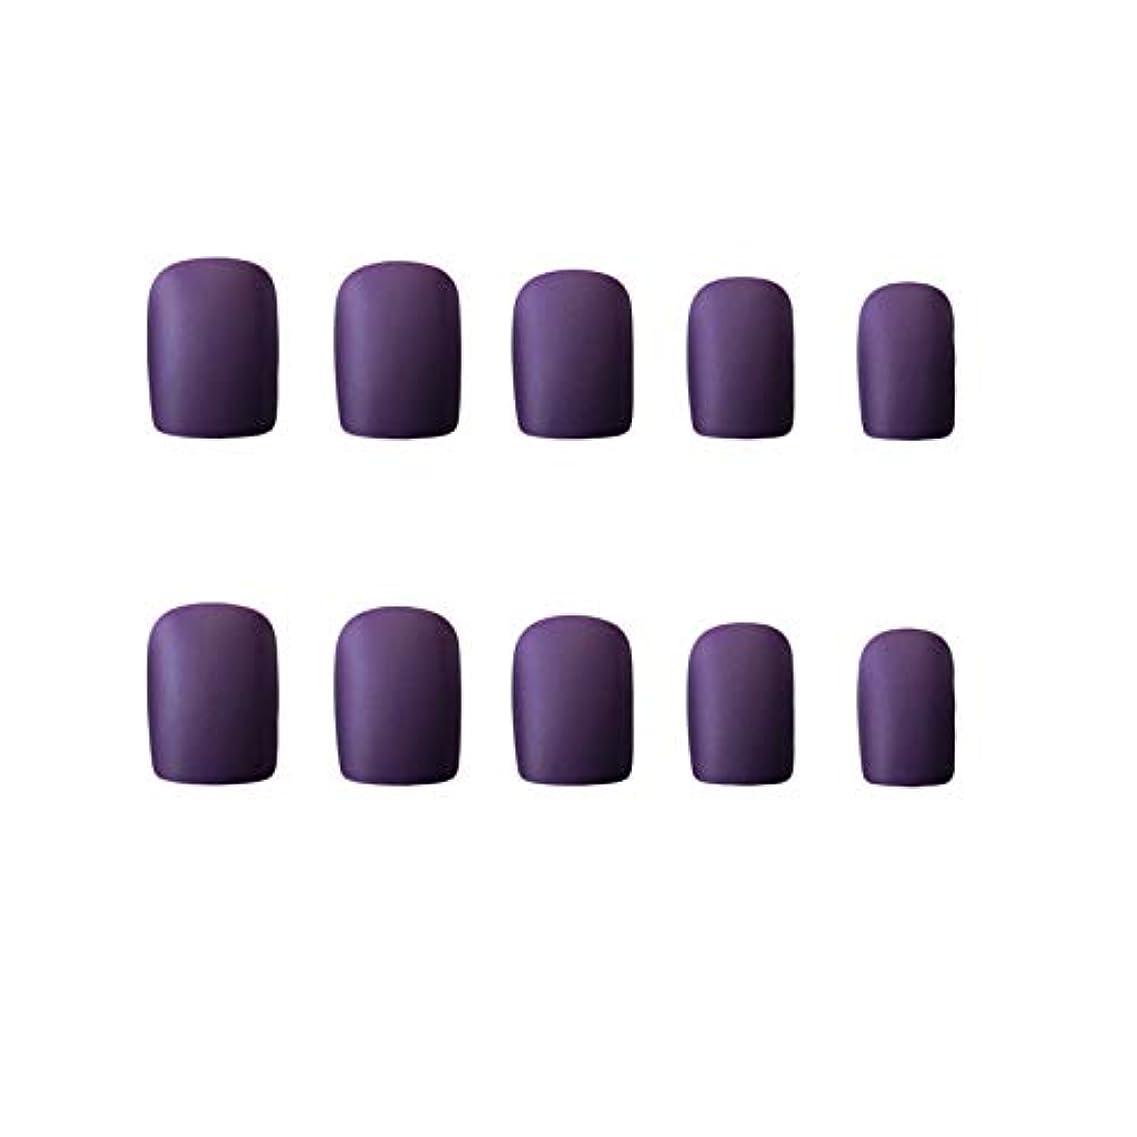 硬さ頑丈署名VALEN Nail Patch ネイルチップ 24枚セット 偽爪 マットネイルチップ 12別サイズ 手作りネイルチップ デコレーション ネイルチップ つけ爪 24枚入 シンプル